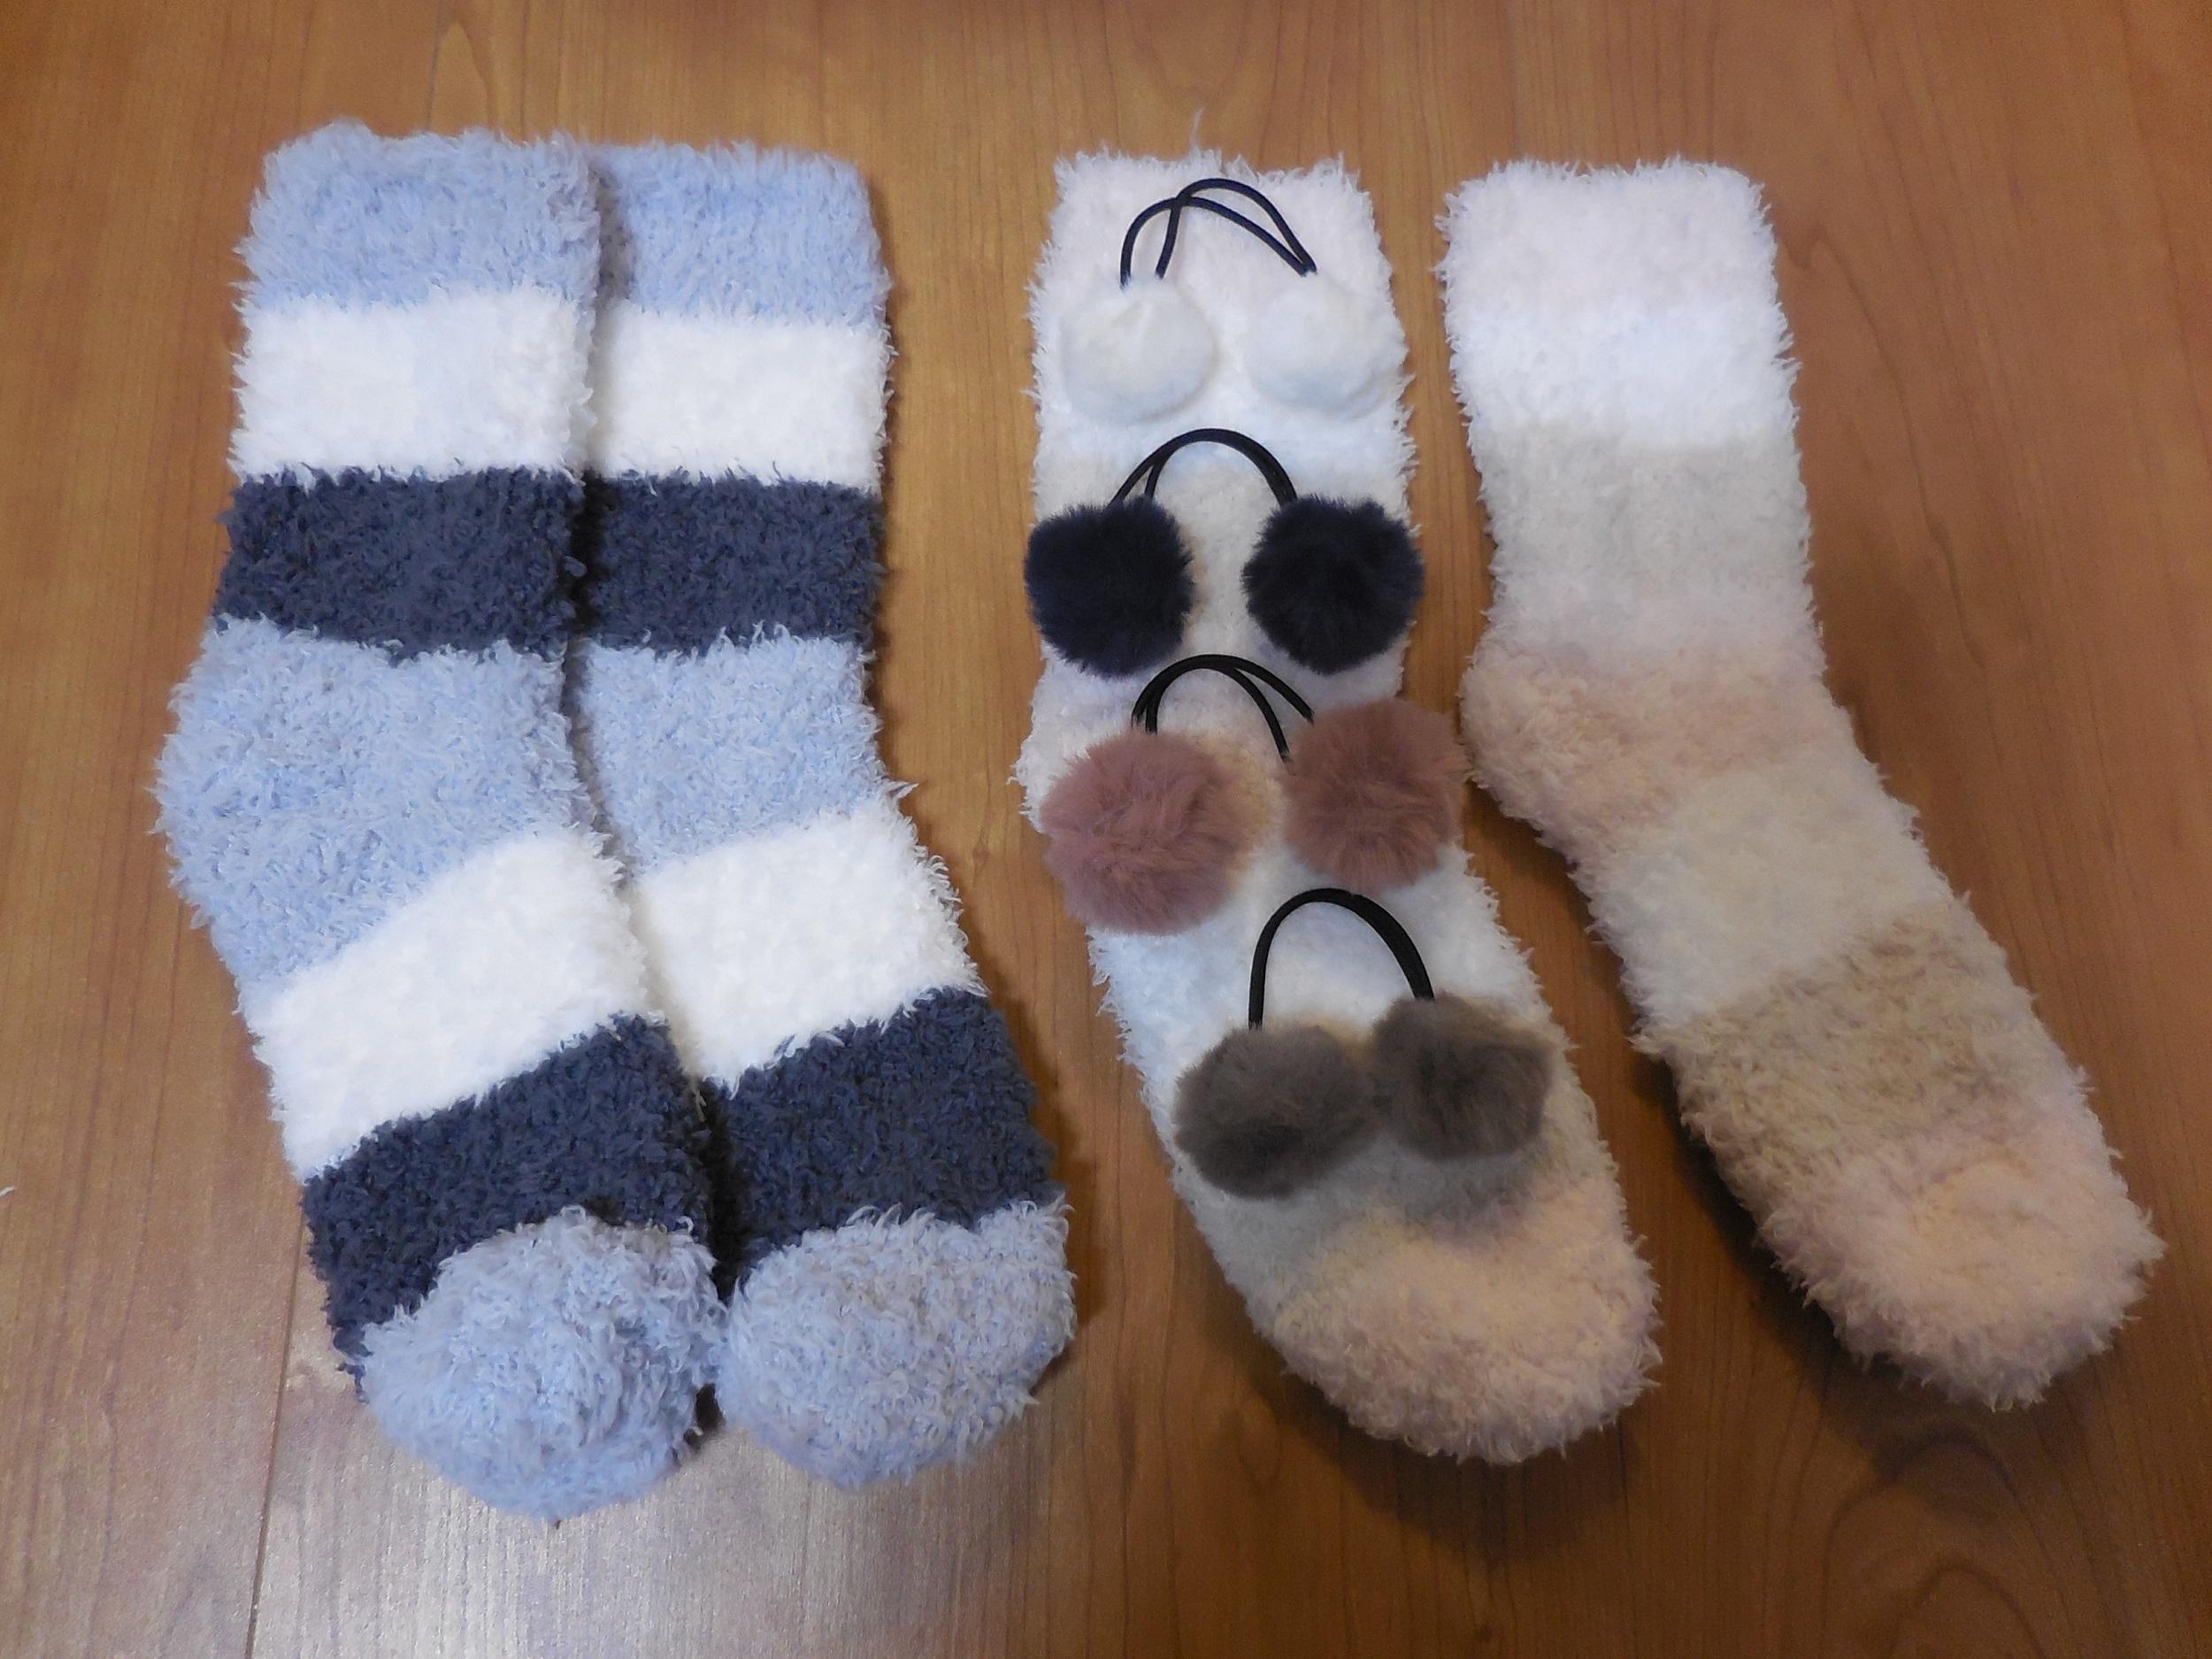 【ダイソー】もこもこした靴下とヘアゴム_1